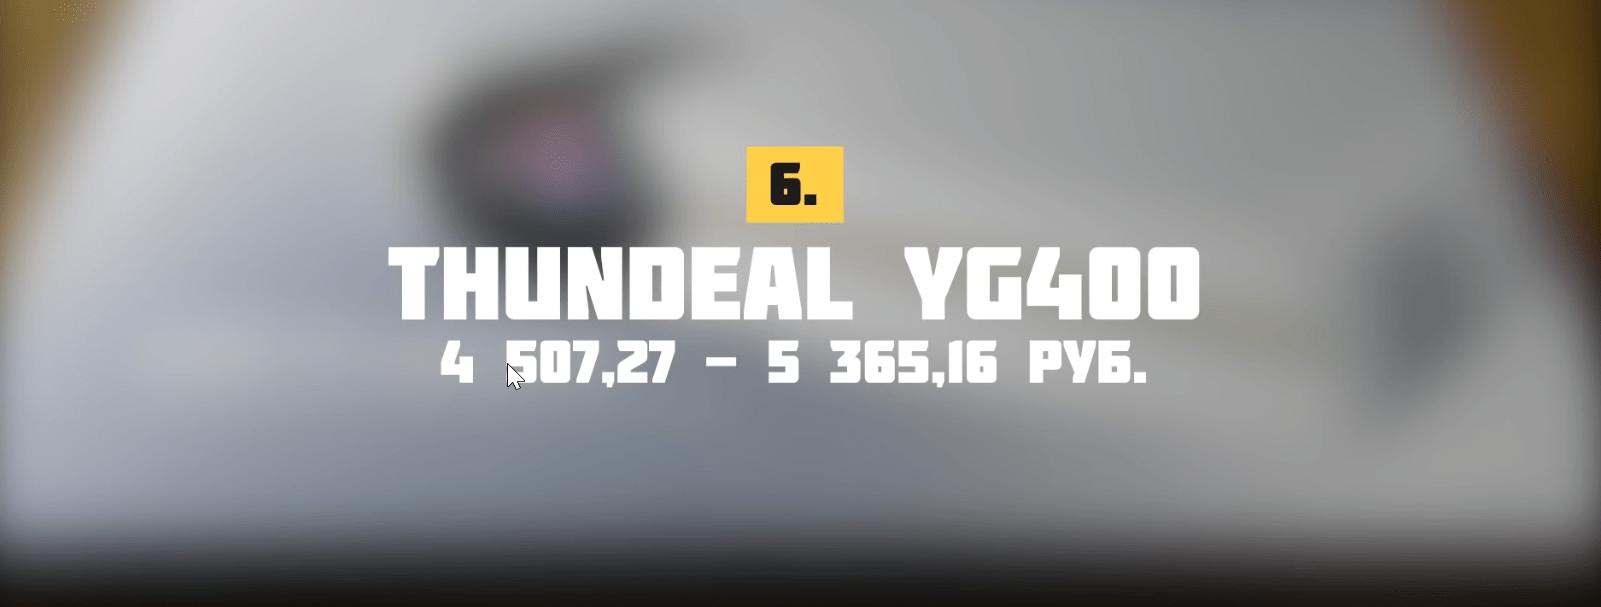 Проектор ThundeaL YG400